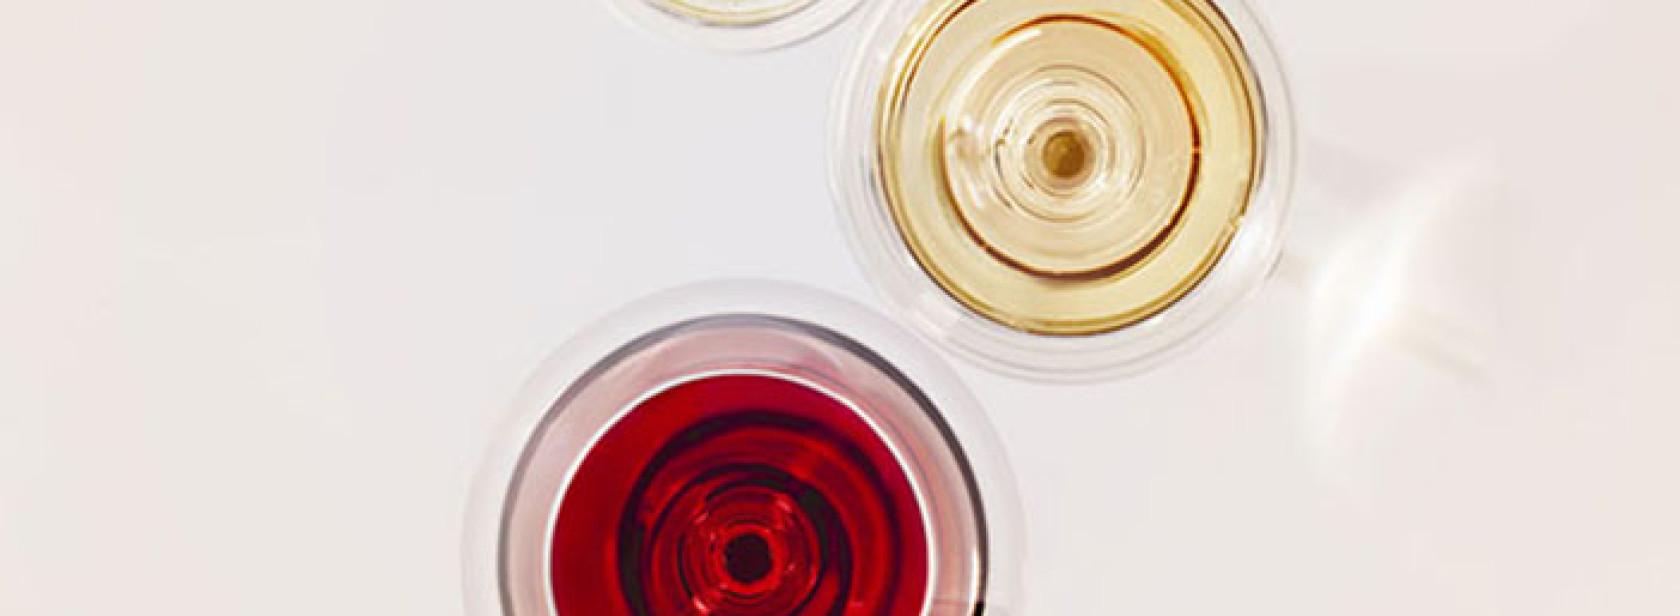 mostra-vini-di-bolzano-castel-mareccio-eventi-exclusive-wine